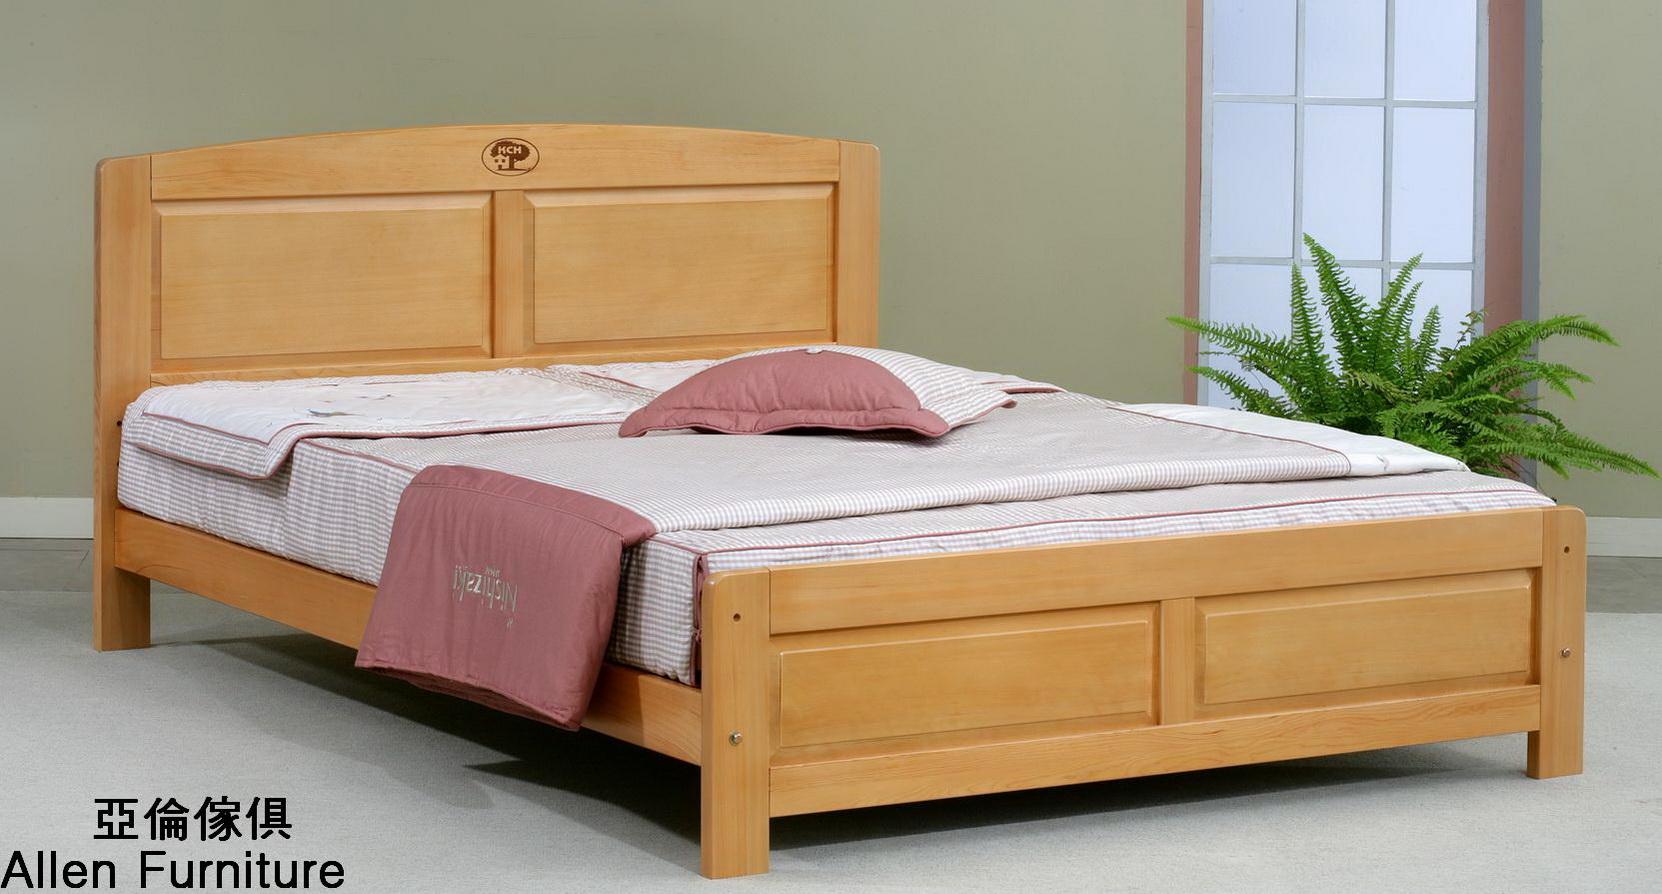 亞倫傢俱*史達琳檜木實木5尺雙人床架